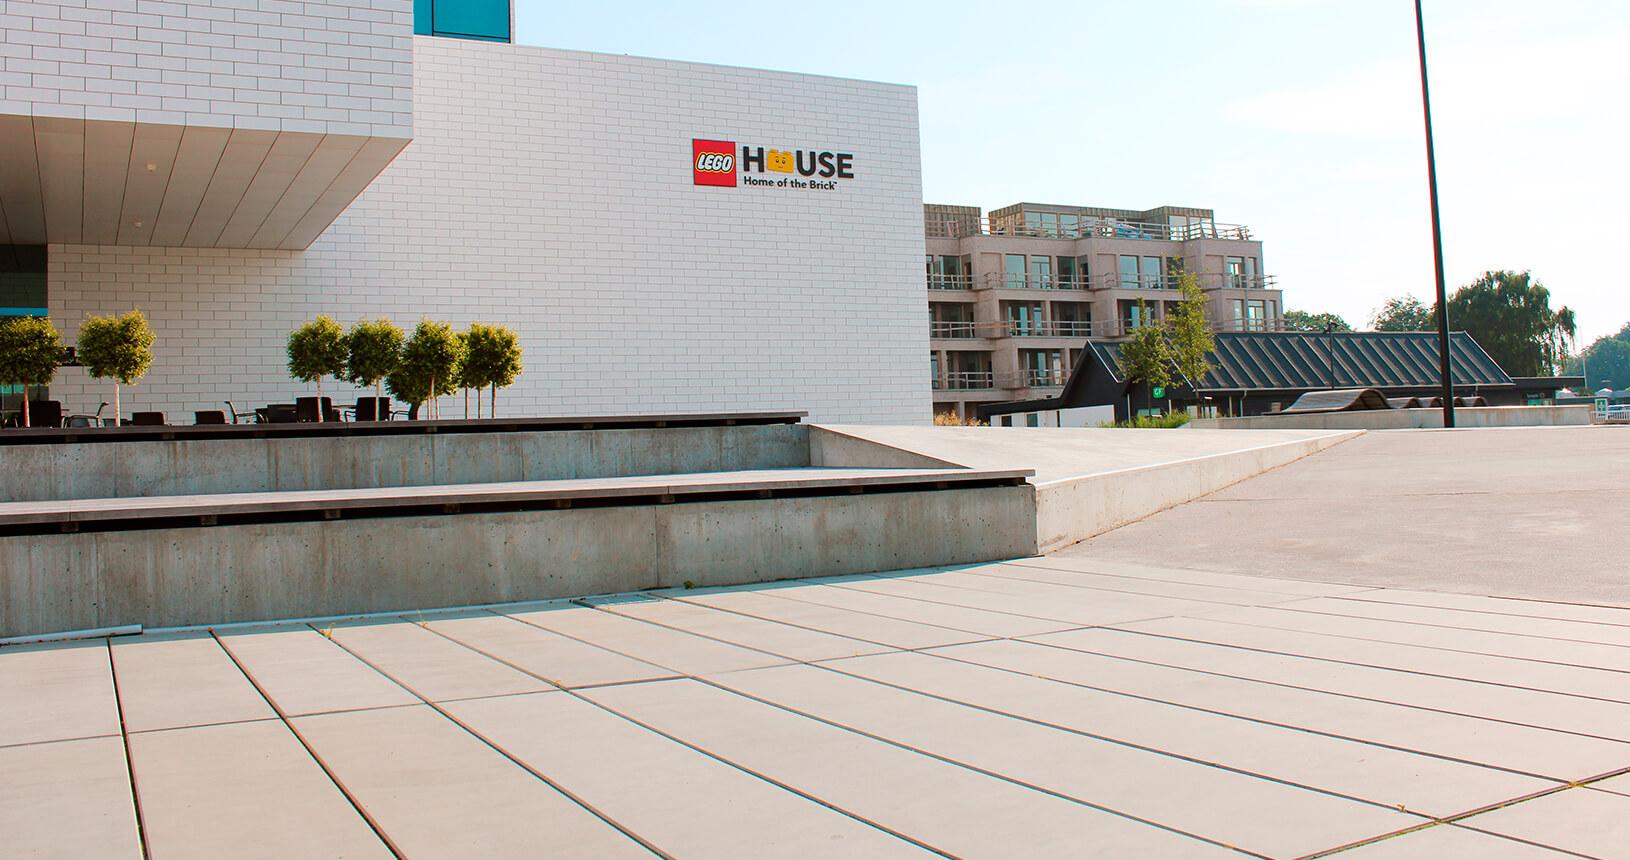 Fliser_til_lego_house